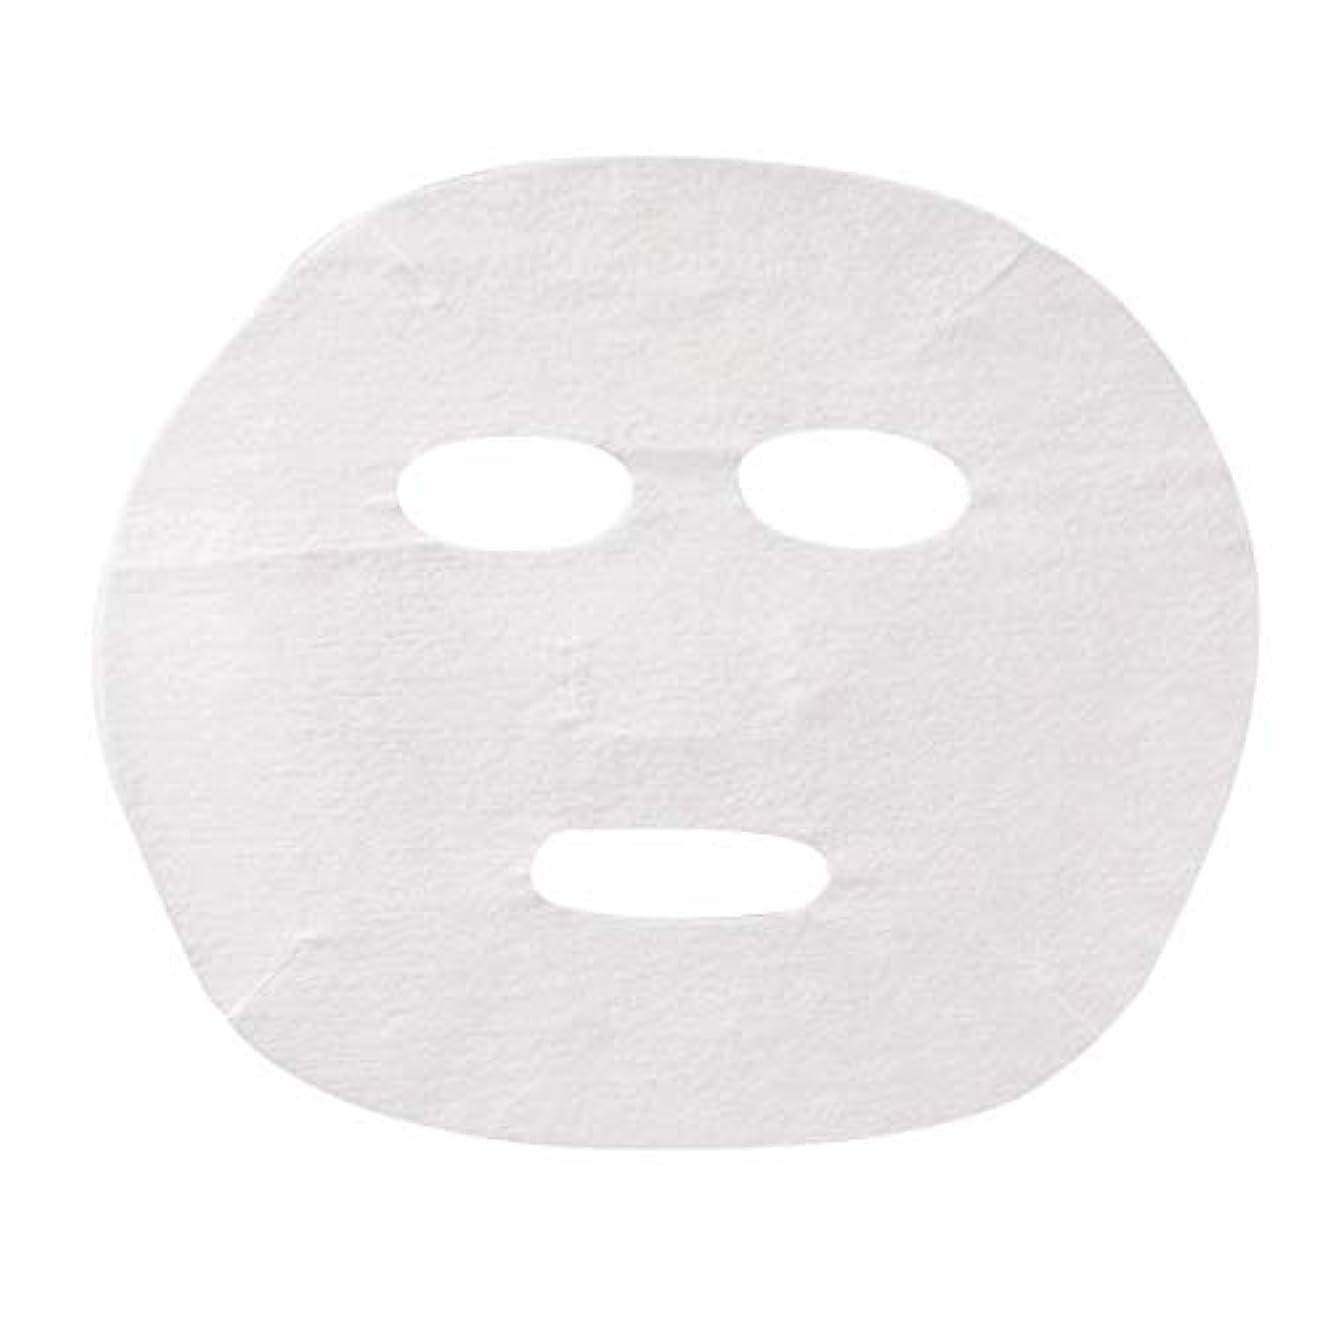 ハンマーしおれたウィザードフェイシャルシート (薄手タイプ) 70枚入 22.5×18.5cm [ フェイスマスク フェイスシート フェイスパック フェイシャルマスク フェイシャルパック ローションマスク ローションパック フェイス パック マスク ]